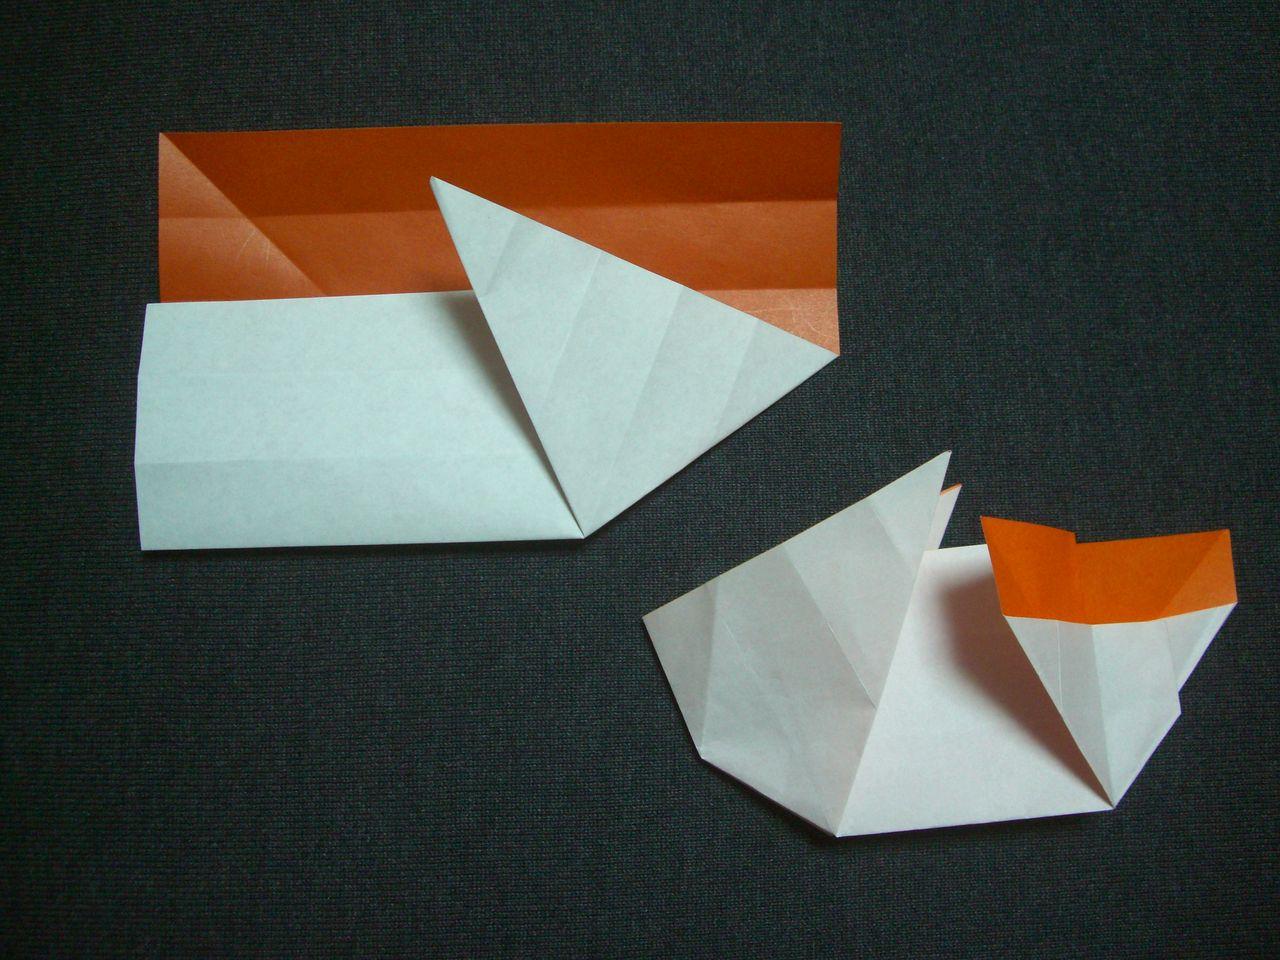 すべての折り紙 ウサギの折り方 折り紙 : ... 遊び(うさぎの入れ物の折り方